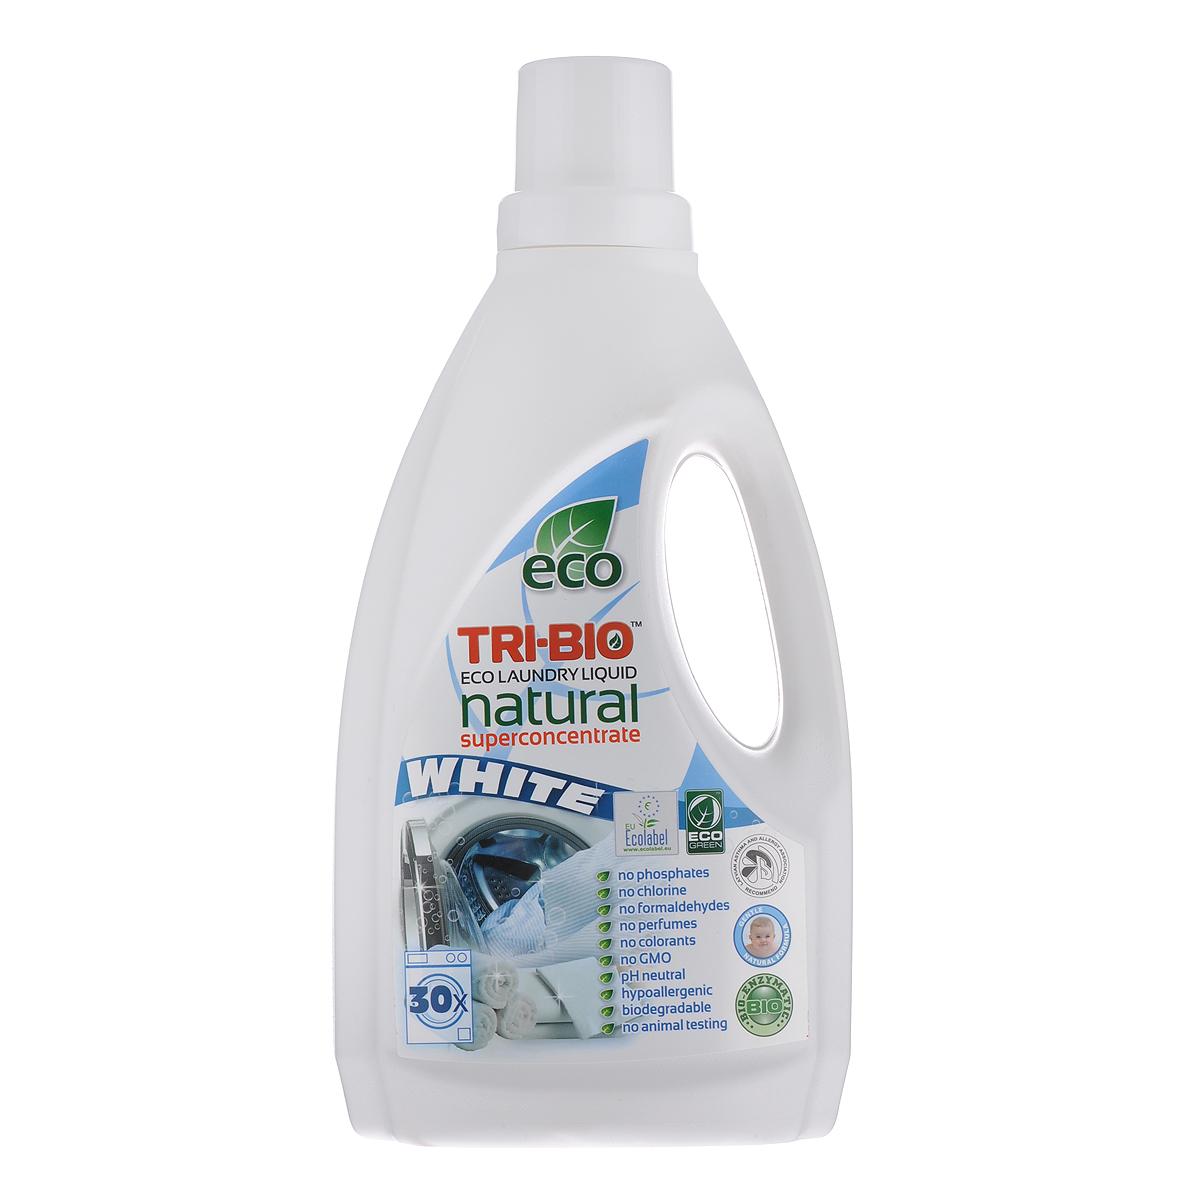 Натуральная эко-жидкость для стирки белого белья Tri-Bio, 1,42 лK100Эффективная формула для стирки белого белья основана на био-энзимах и натуральных растительных и минеральных компонентах. Суперконцентрат рассчитан на 30 стирок. Не содержит фосфаты и формальдегиды, эффективно стирает и сохраняет ткани - предотвращает линьку и выцветание, не влияет на качество. Безопасная альтернатива химическим аналогам. Нейтральный pH. Идеально подходит для детского белья и людей с чувствительной кожей. Не содержит ароматов и красителей, рекомендуется для людей, склонных к аллергиям и астме. Для здоровья: Без фосфатов, растворителей, хлора отбеливающих веществ, абразивных веществ, отдушек, красителей, токсичных веществ. Для окружающей среды: Низкий уровень ЛОС, легко биоразлагаемо, минимальное влияние на водные организмы, рециклируемые упаковочные материалы, не испытывалось на животных. Присвоены сертификаты EU Ecolabel и ECO GREEN.